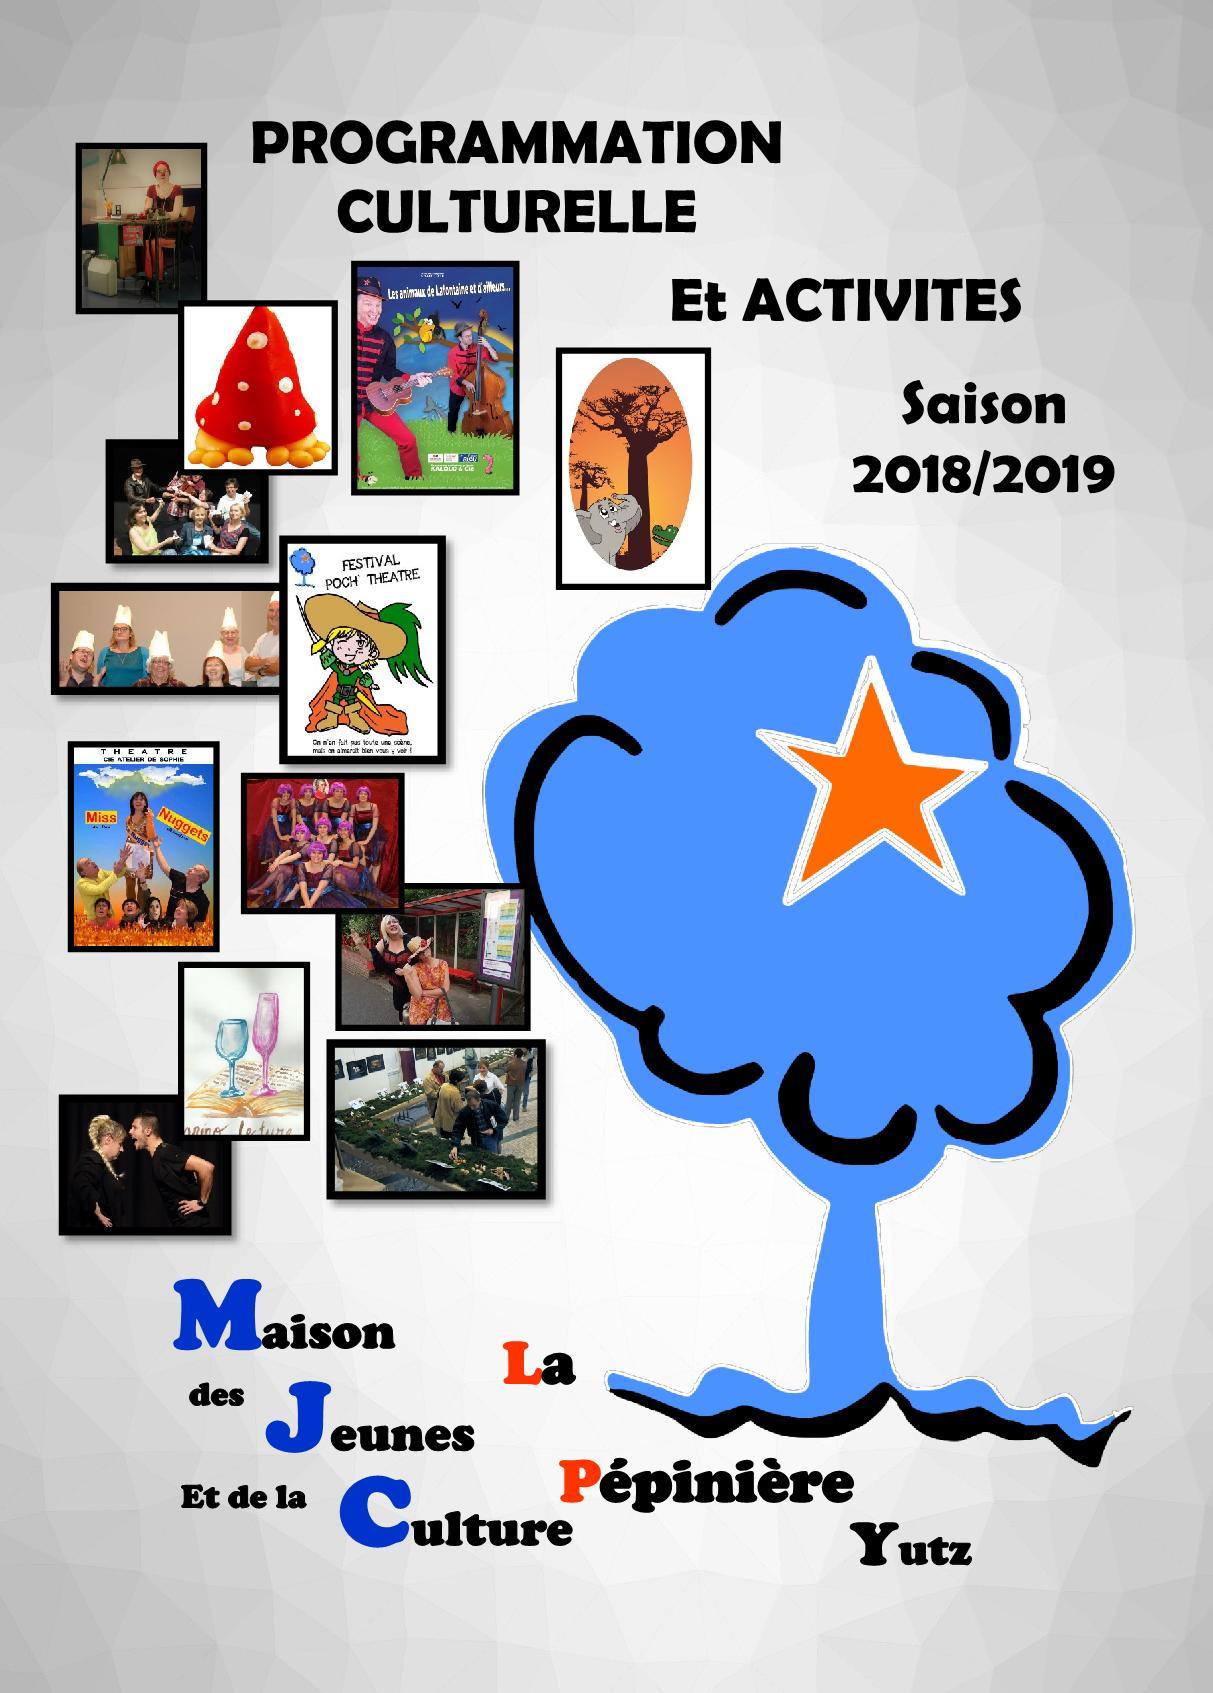 Programme Saison 2018/2019 MJC Yutz